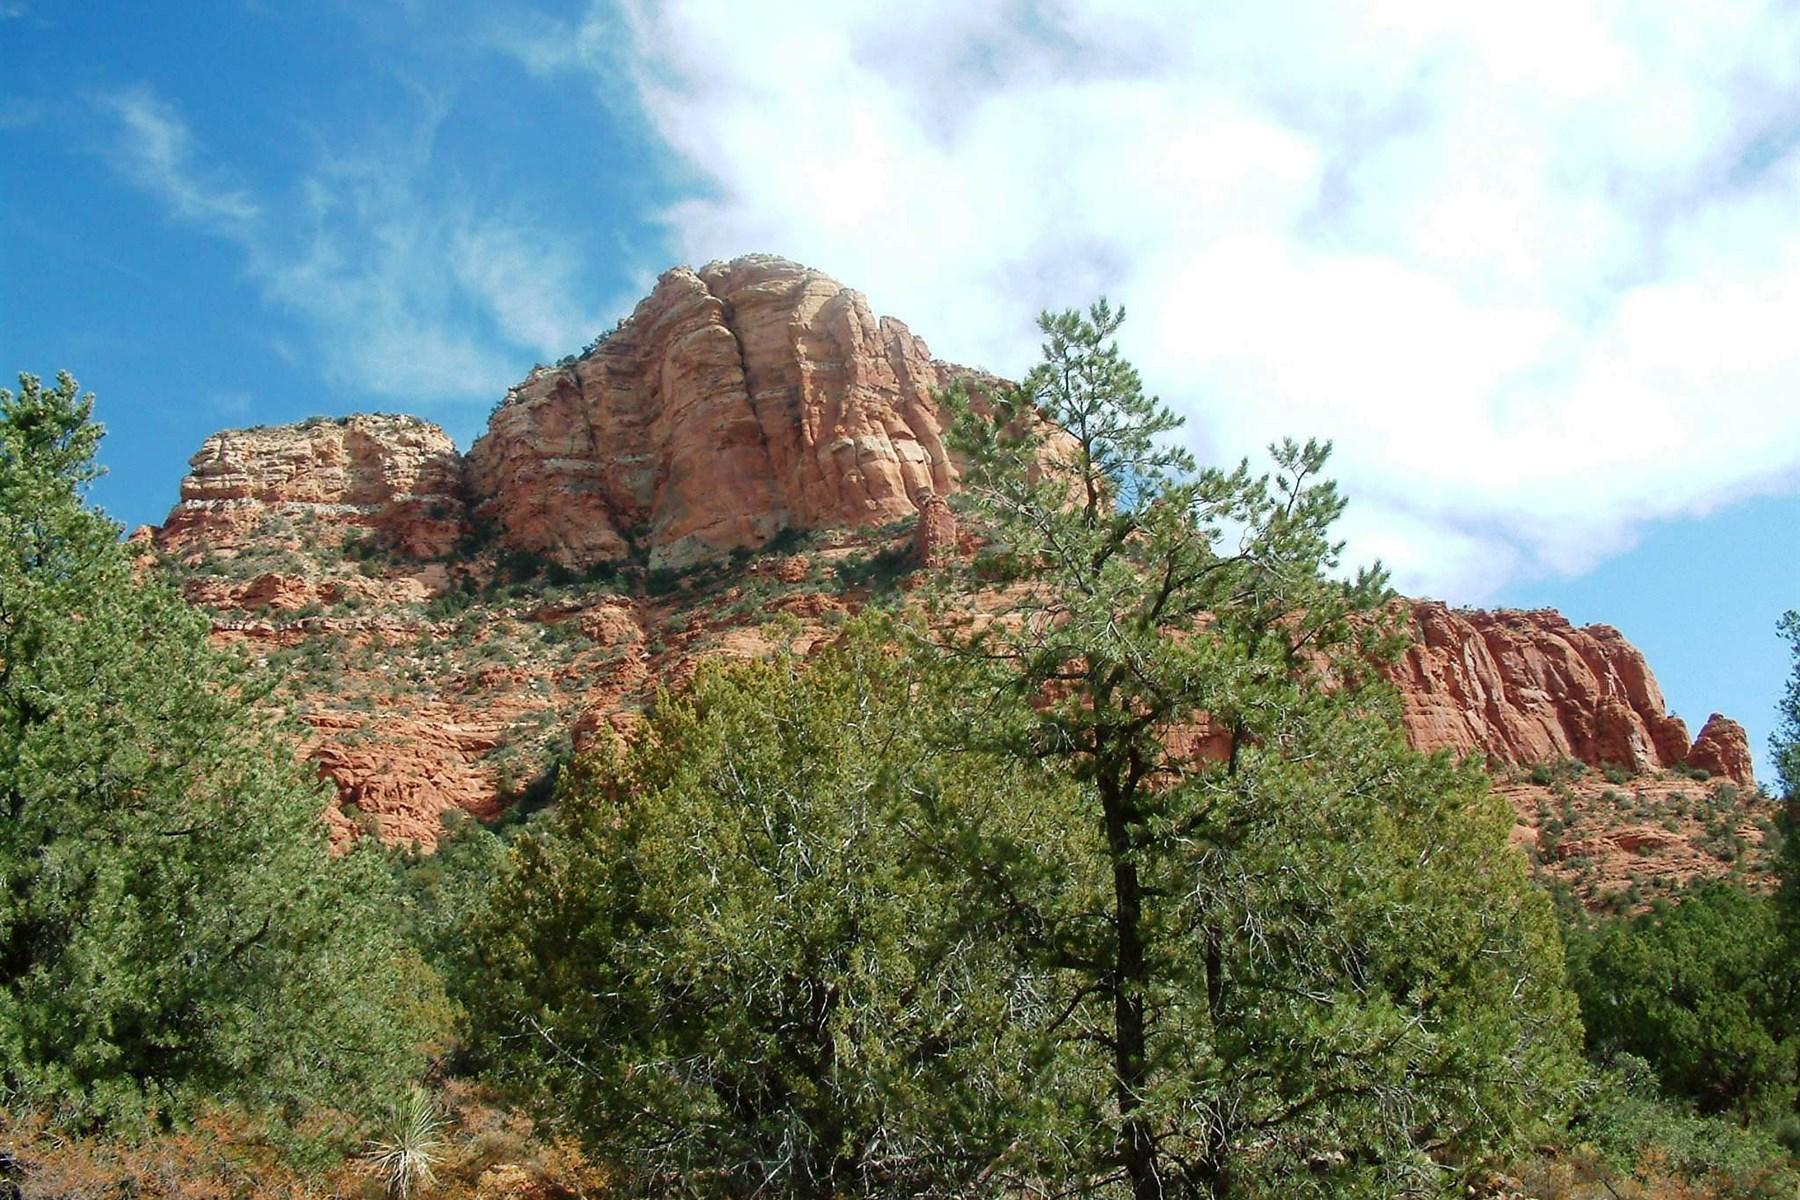 Terreno por un Venta en Hilltop custom home lot in Sedona AZ 339 Acacia Dr #22 Sedona, Arizona 86336 Estados Unidos